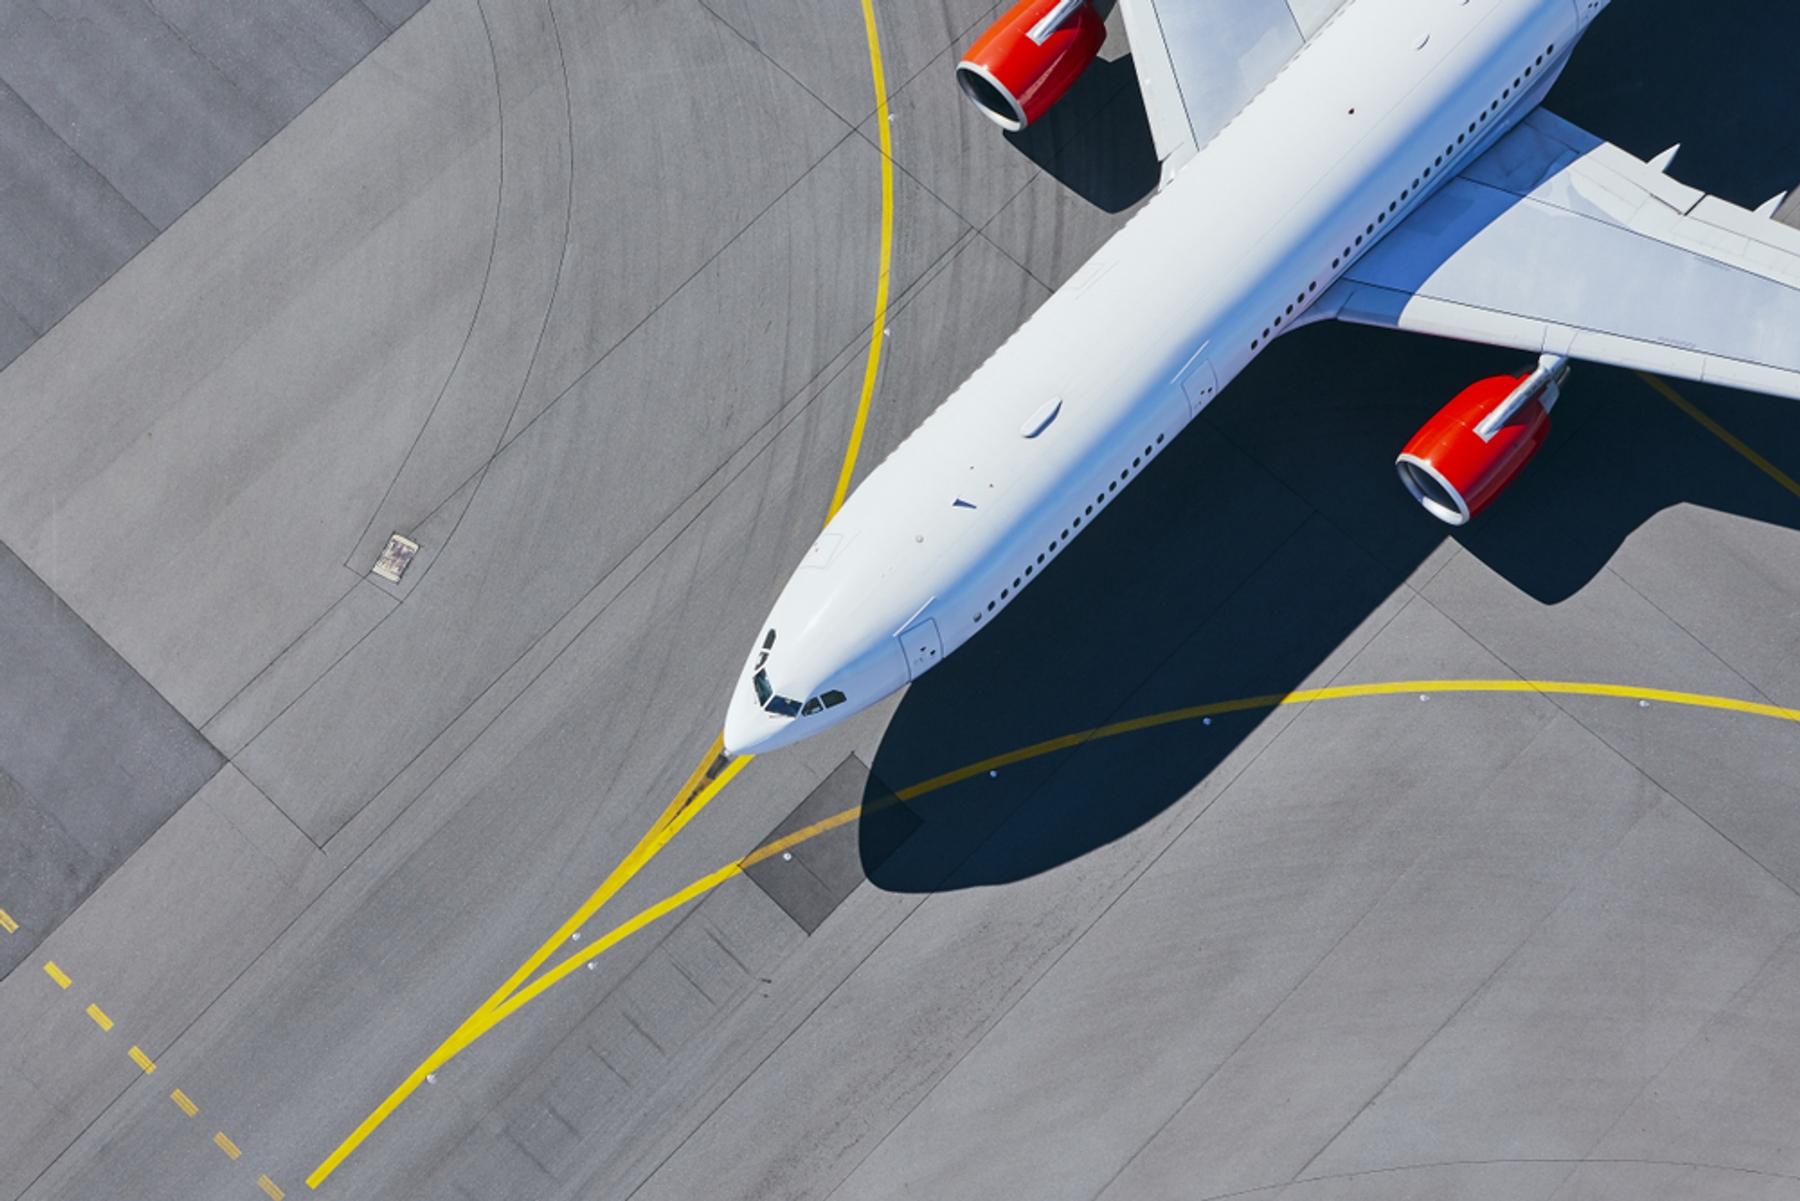 飛行機 空港 滑走路